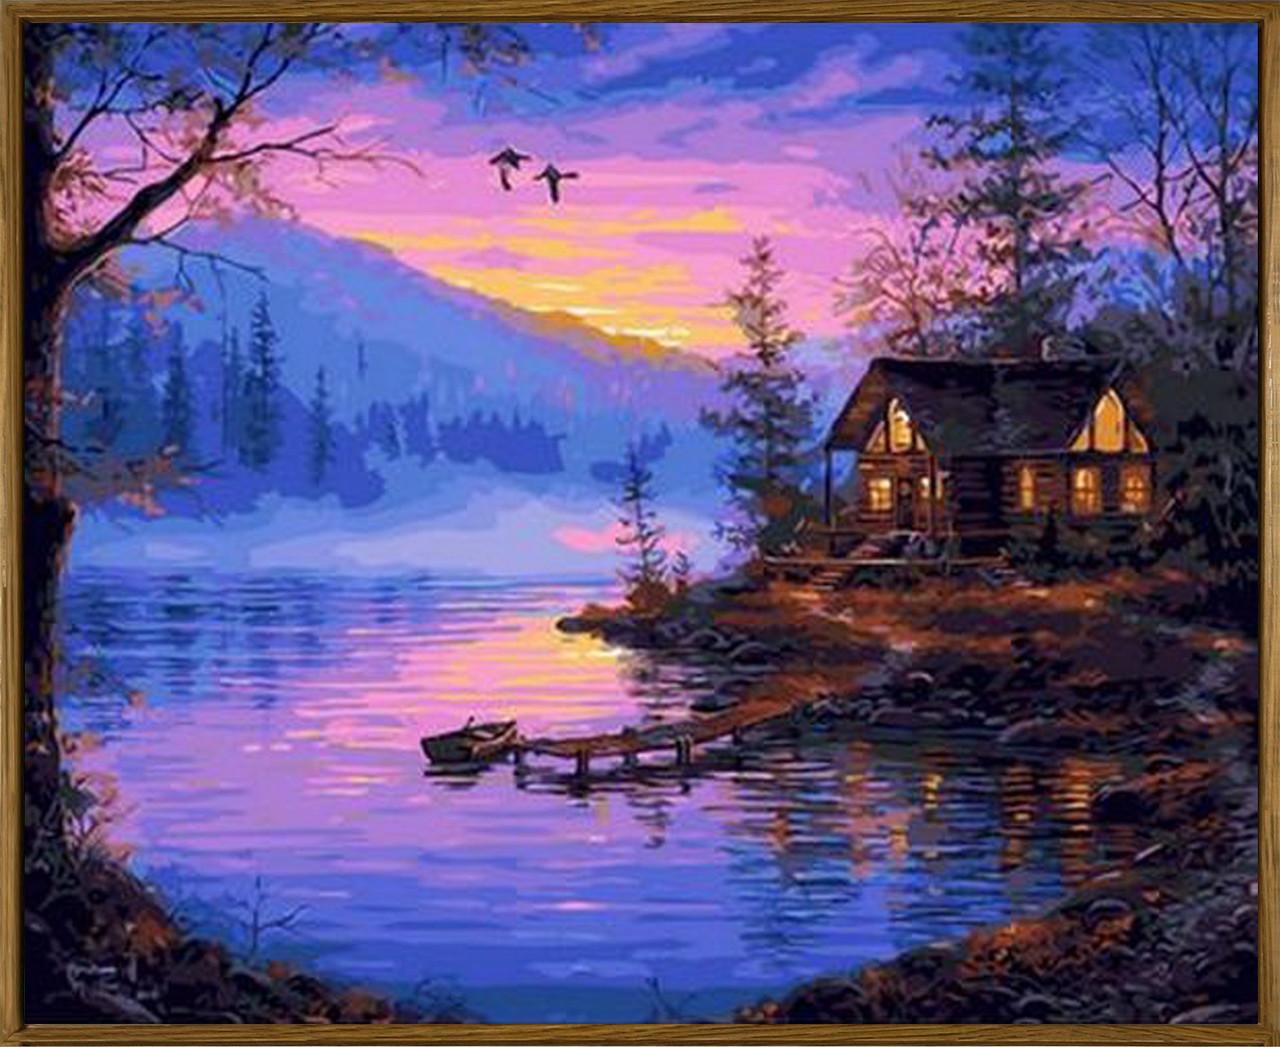 Картина по номерам Тихая заводь (в раме) 40 х 50 см (NB1391R)